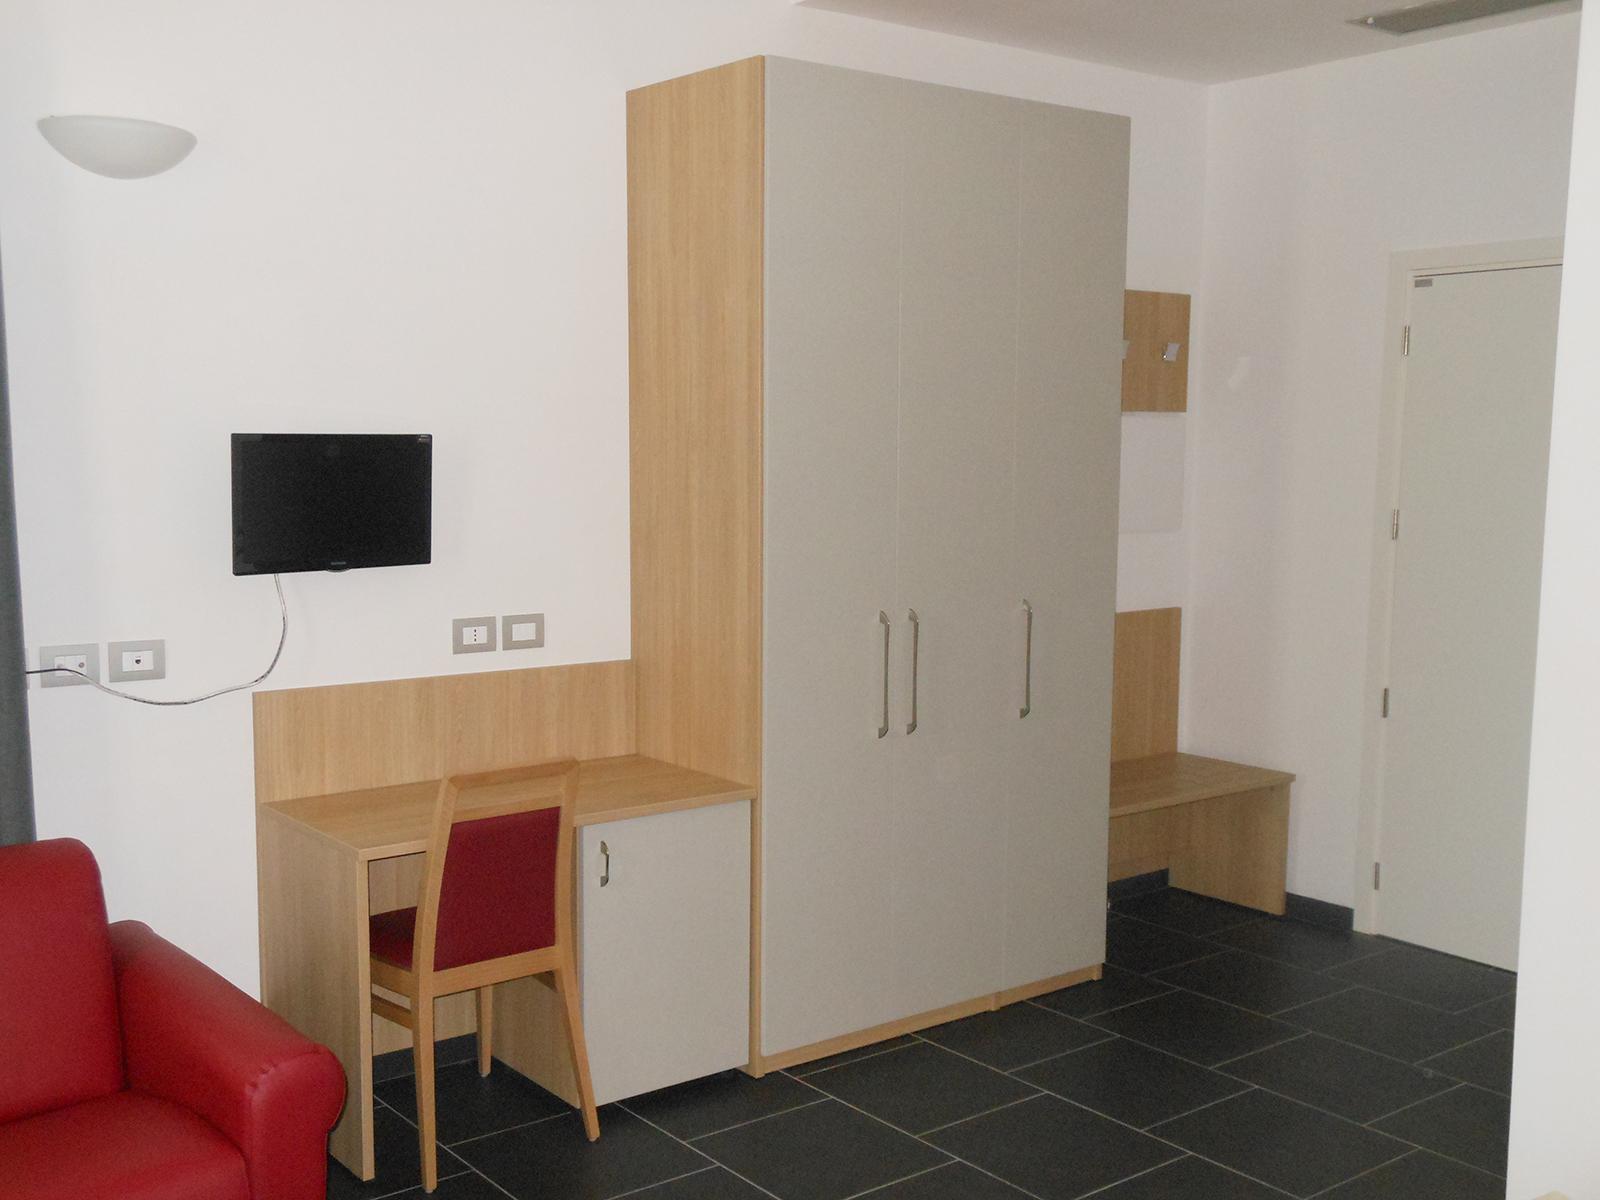 Arredi per alberghi, armadio e scrittoio con frigor-bar, Casa S.Giuseppe Meldola – Farolfi Arredamenti